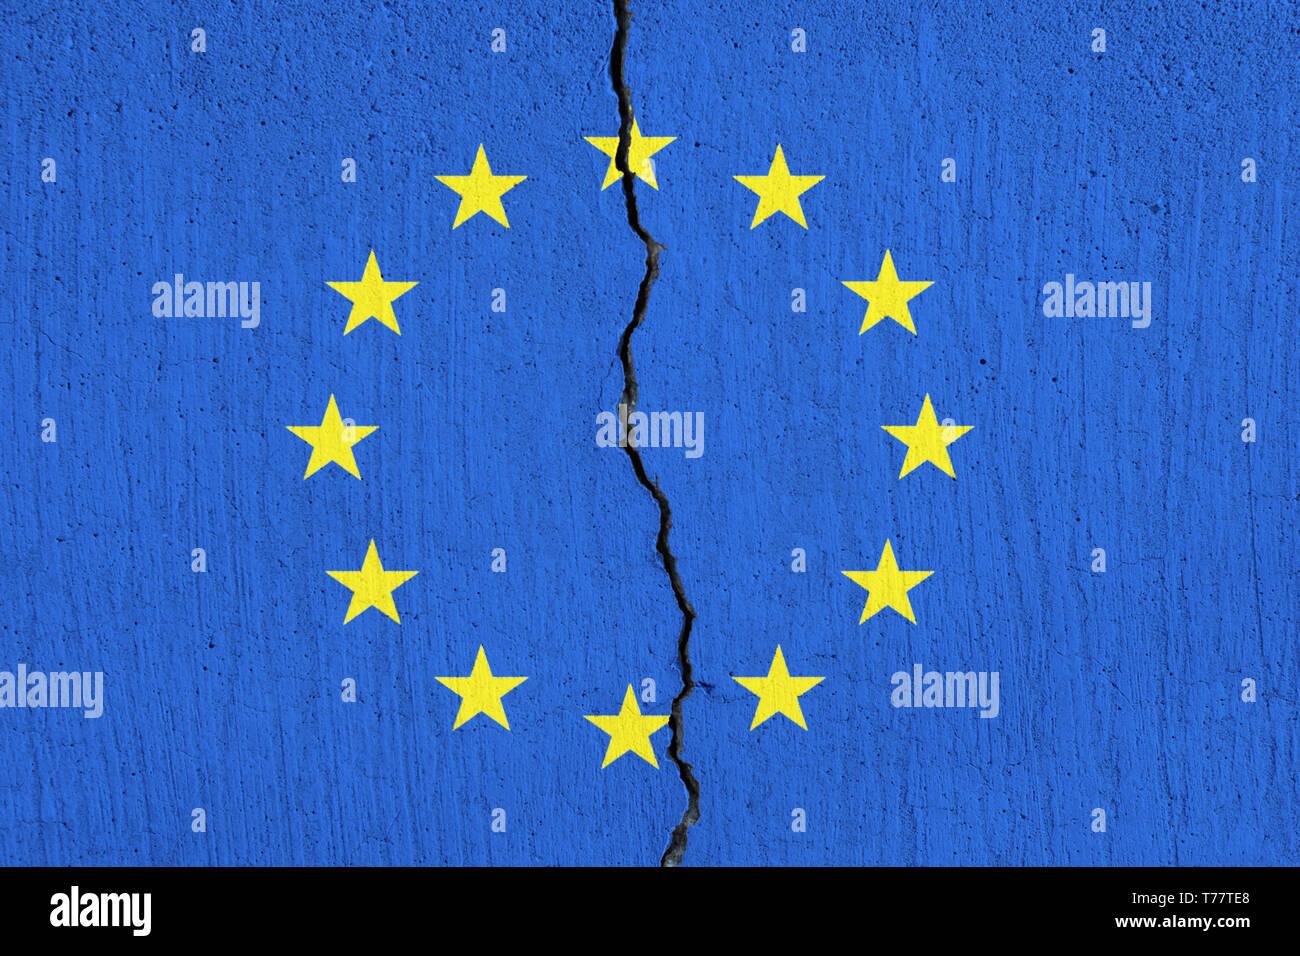 EU flag breaking apart , Cracked European Union flag Stock Photo